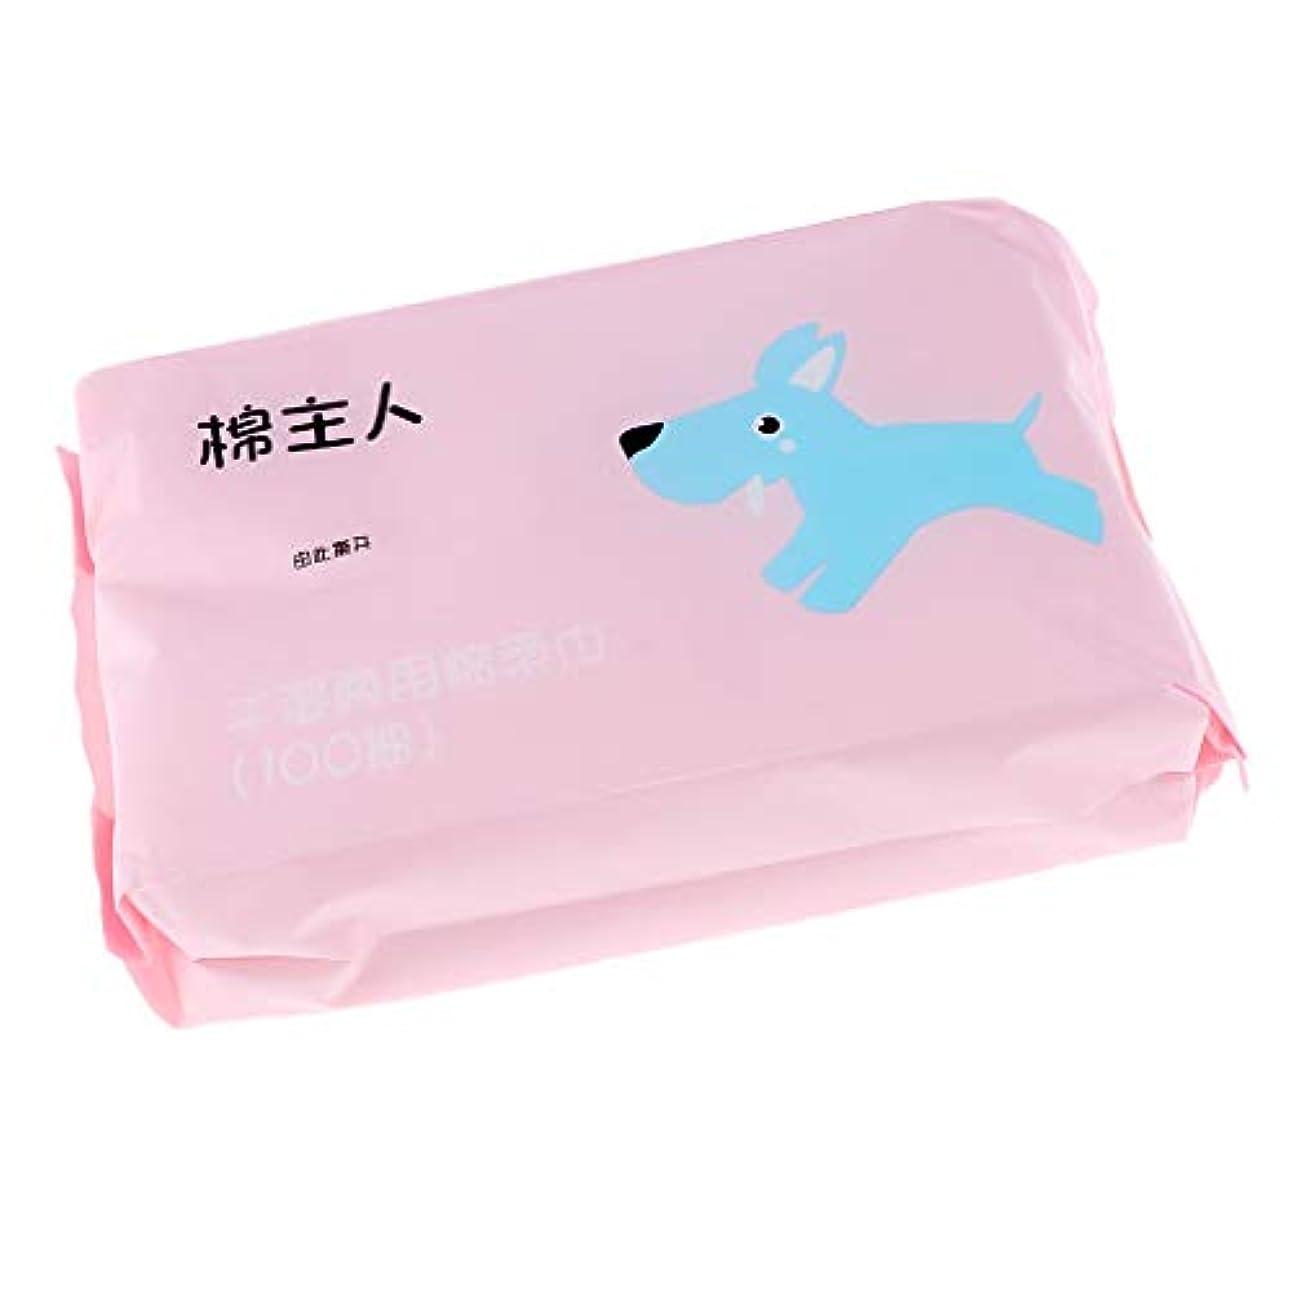 壁紙癒すハッチT TOOYFUL 約100枚 使い捨 クレンジングシート クリーニング フェイス タオル ソフト 敏感肌適用 全2色 - ピンク